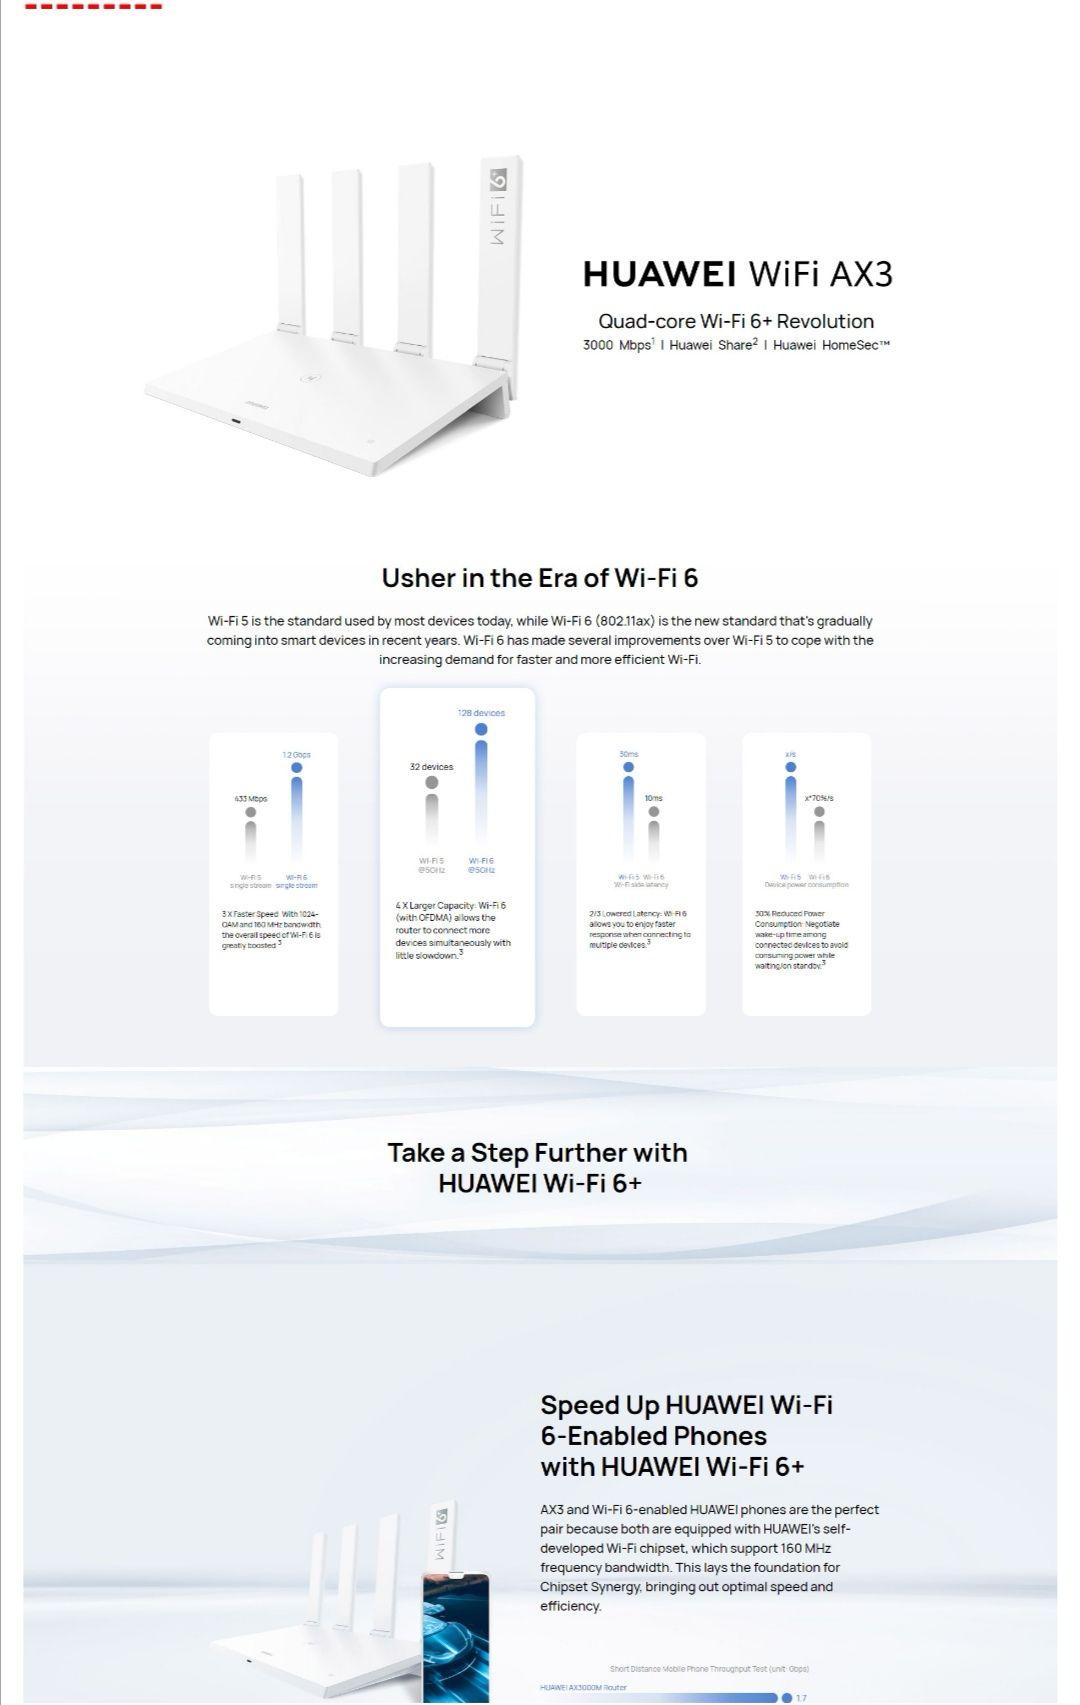 HUAWEI WiFi AX3 Pro Quad-core eu shipping